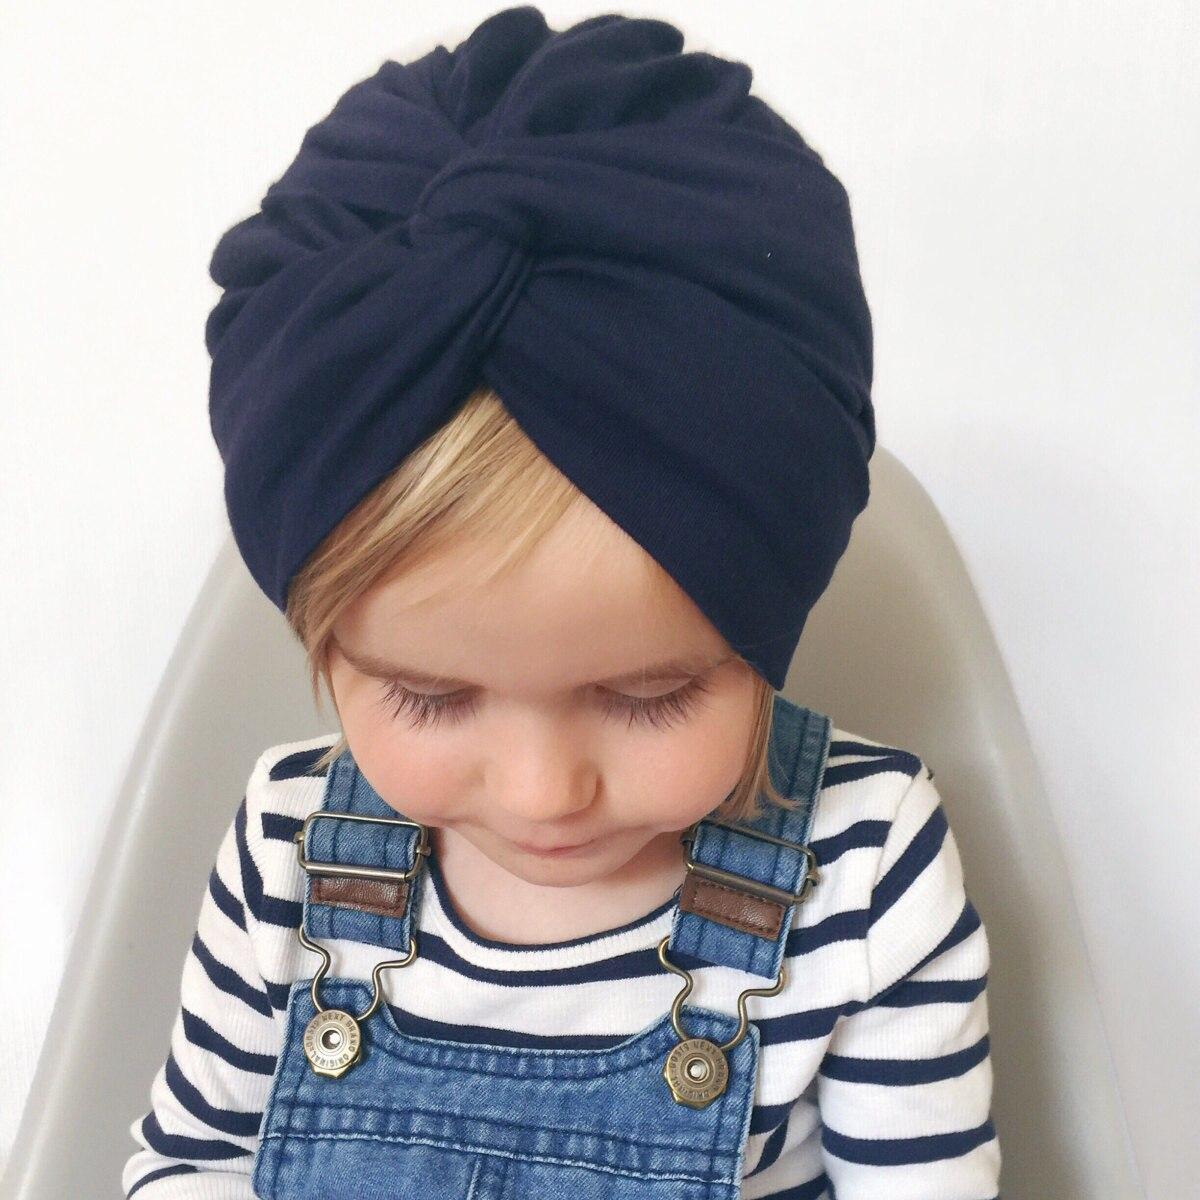 Newborn Infant Headband Baby Turban Hat Children Bandanas Cotton Blend Beanie Kids Little Baby Headwrap Girl Hair Accessories